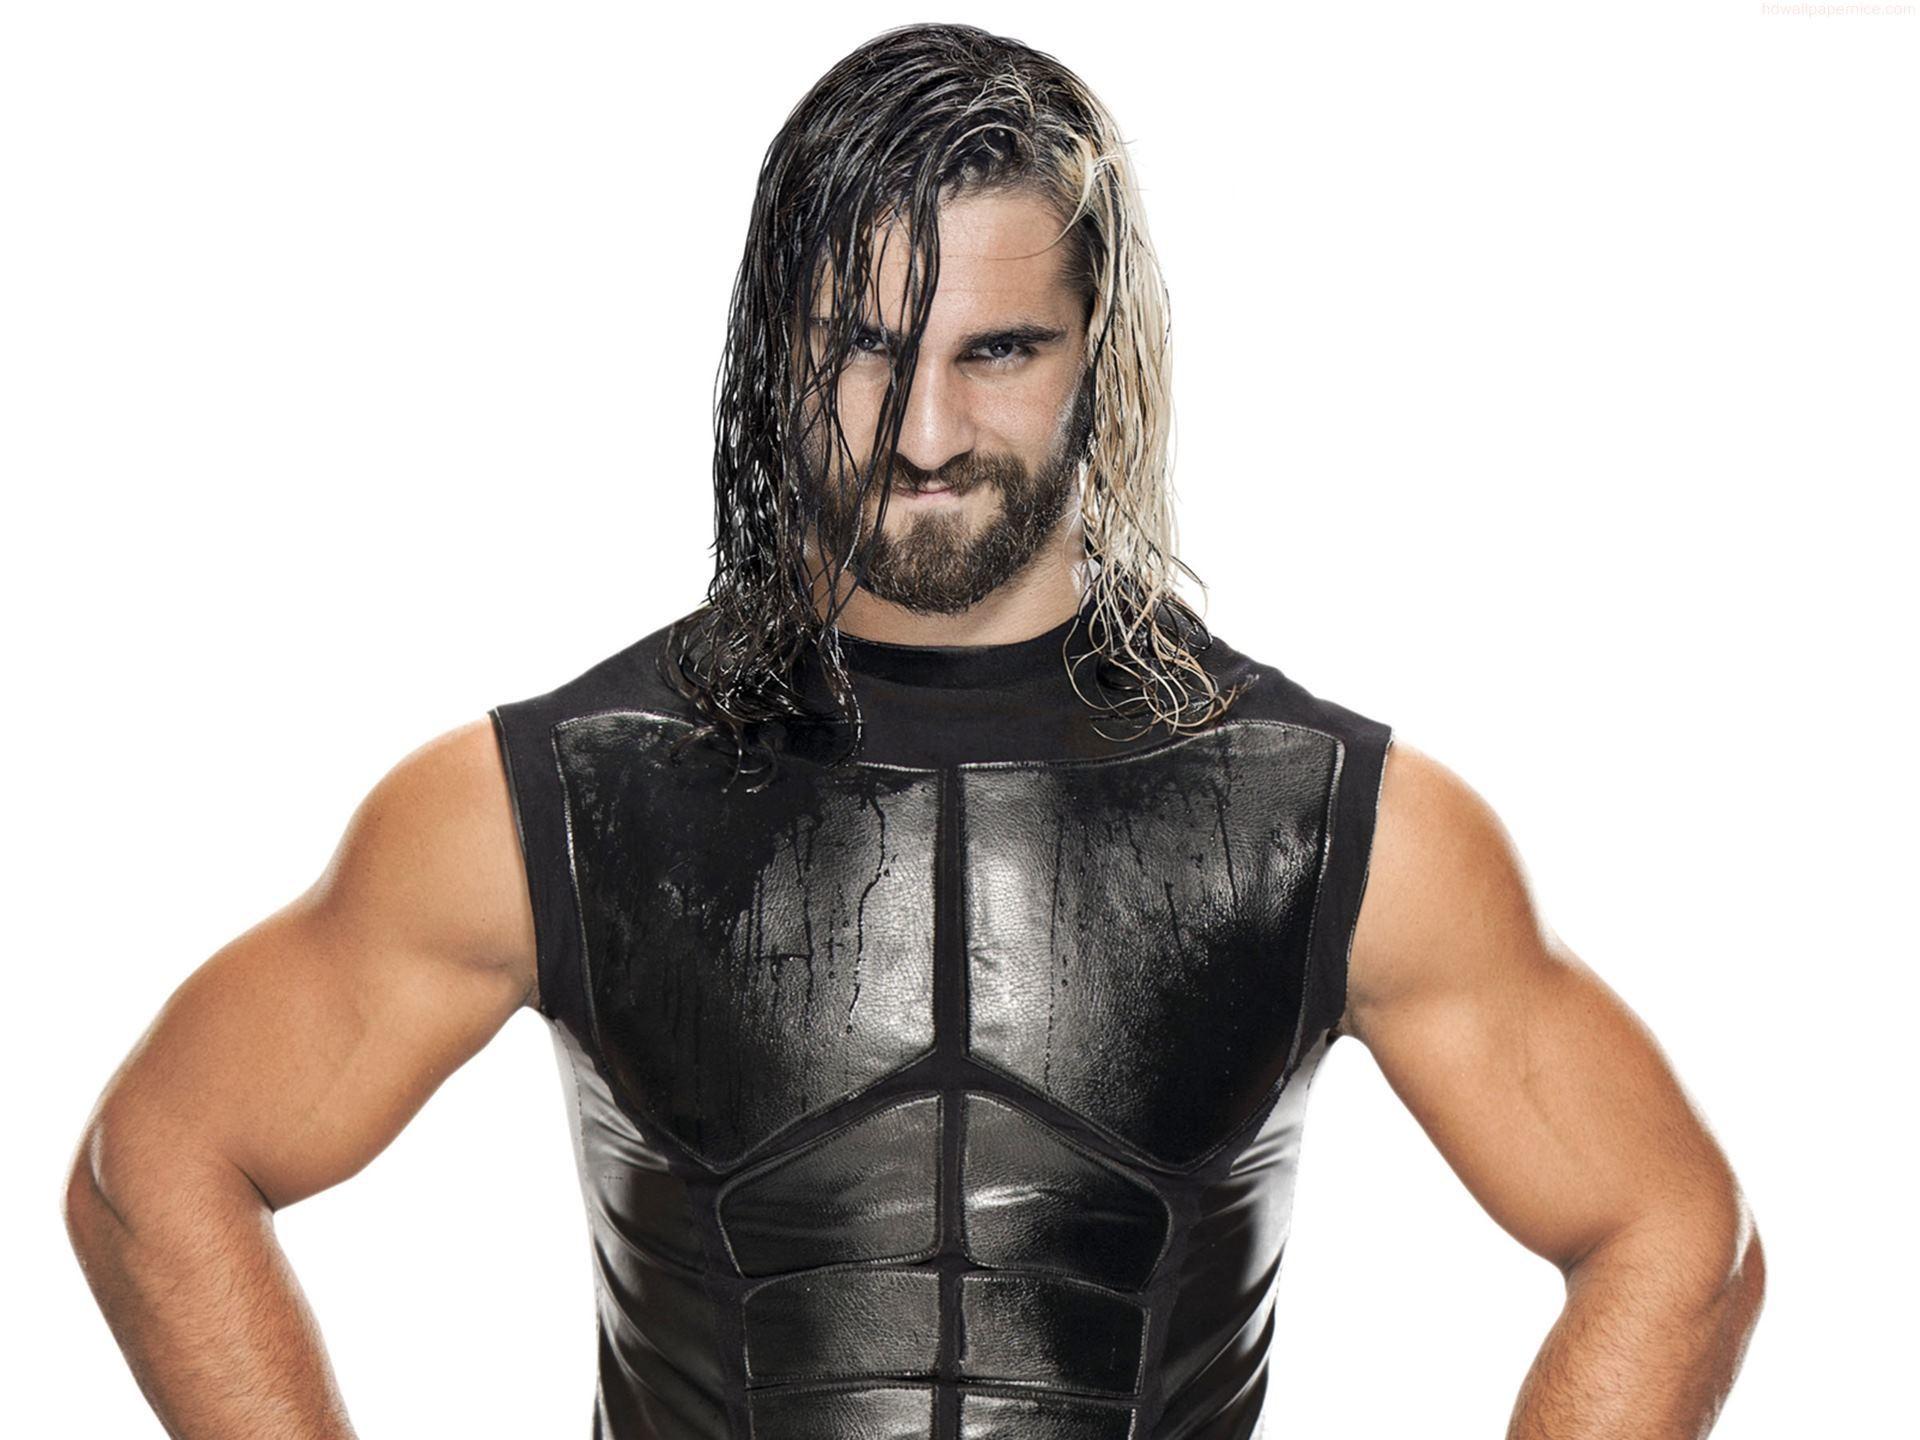 … Seth Rollins Wwe Wrestler HD Wallpaper #05970